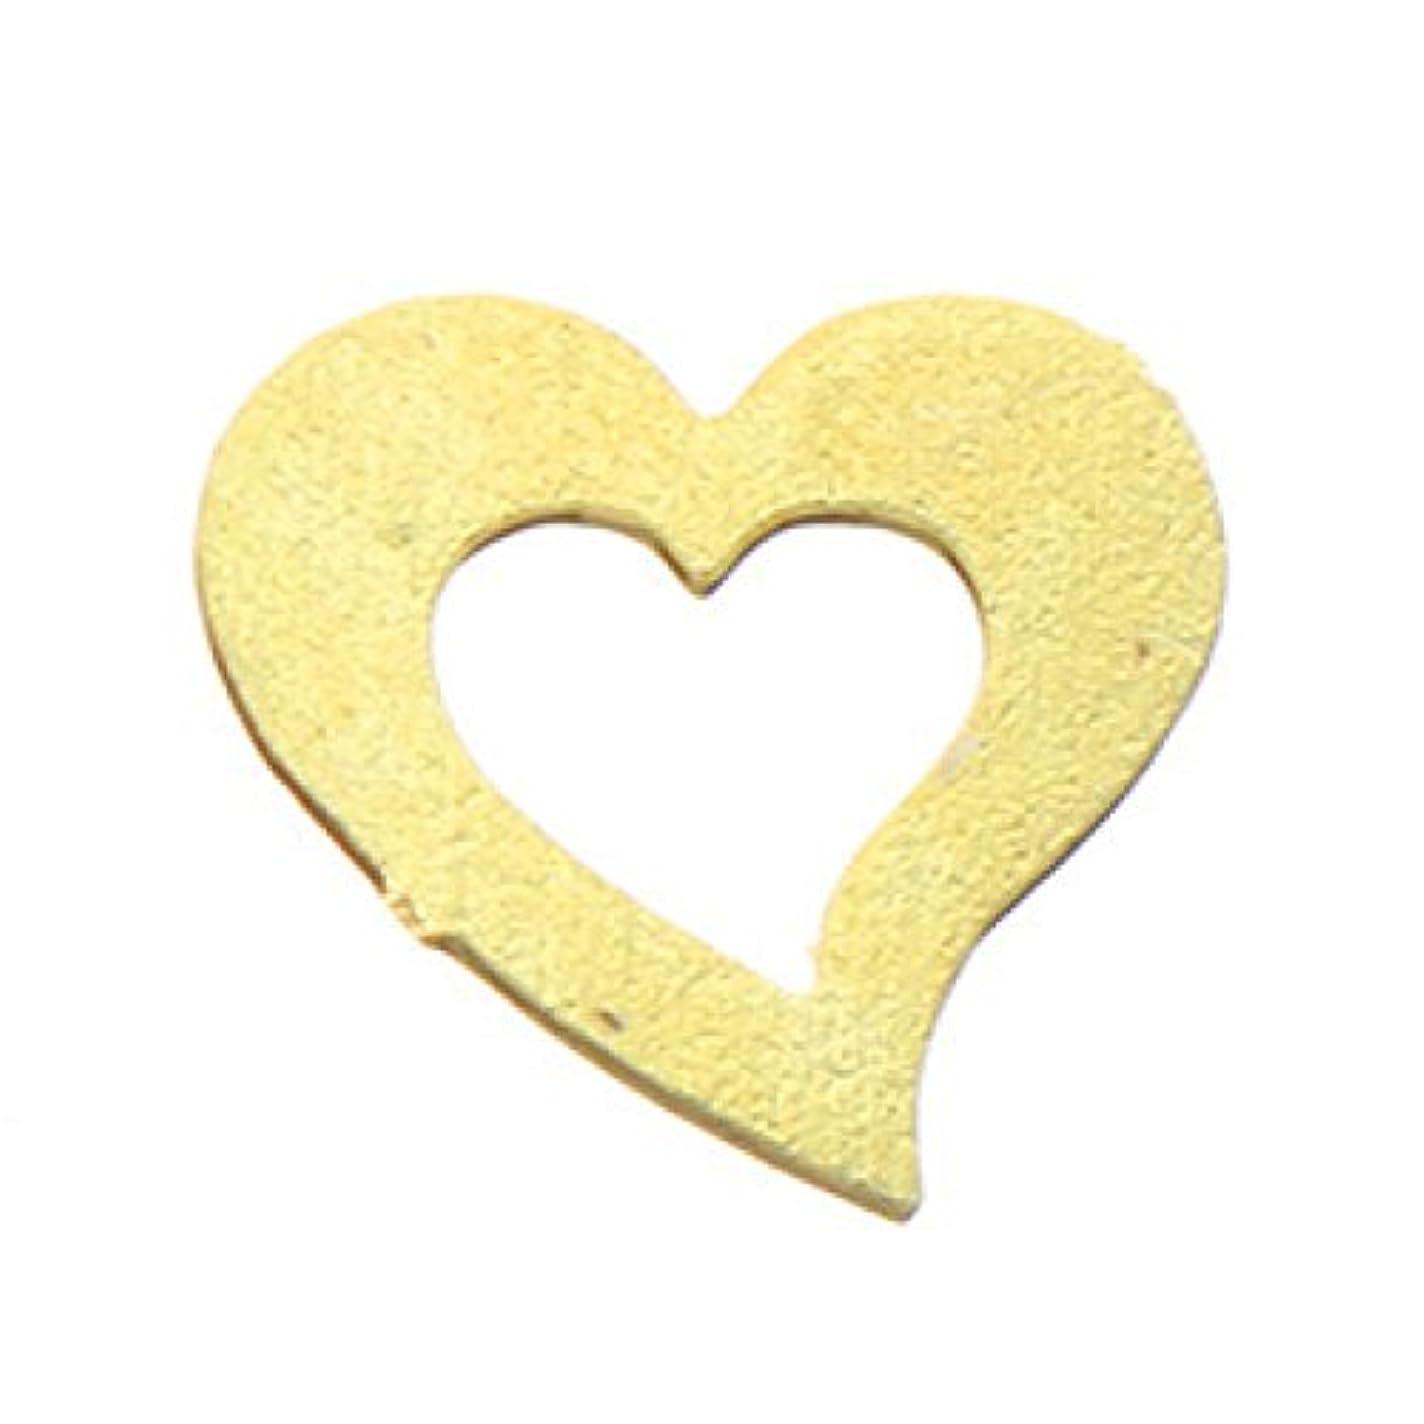 キルス魔女リマークメタルプレート(ネイルストーン デコ)ハート (30個入り) ゴールド(ネイル用品)